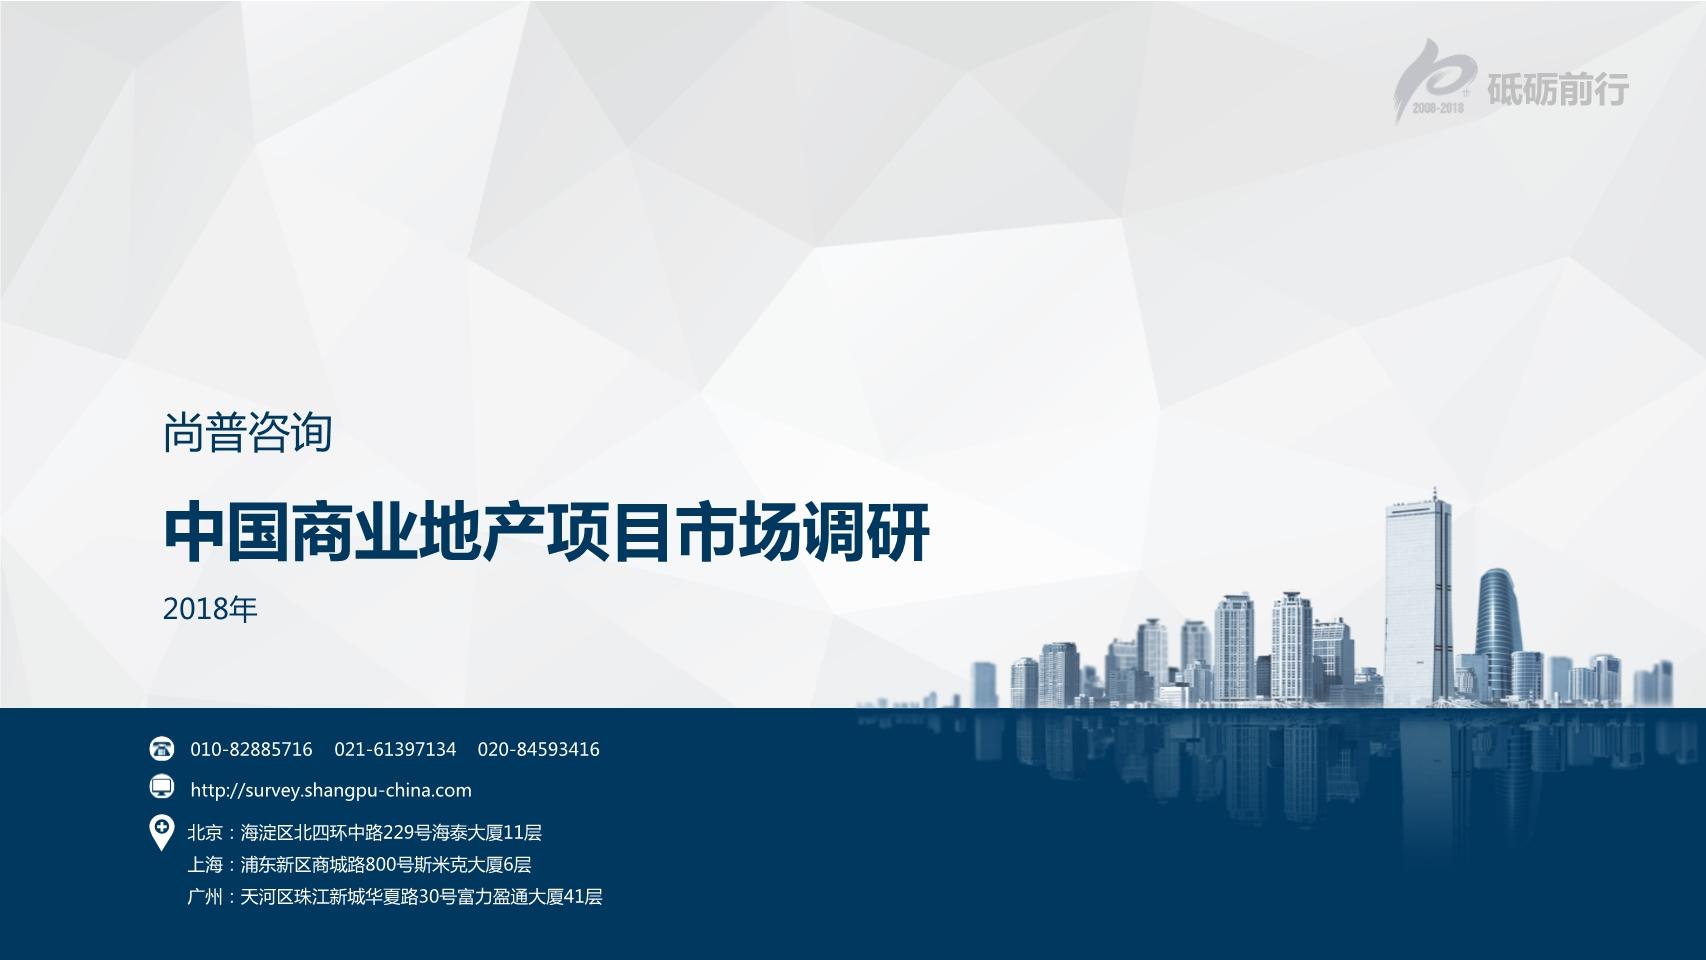 尚普咨询-中国商业地产项目市场调研